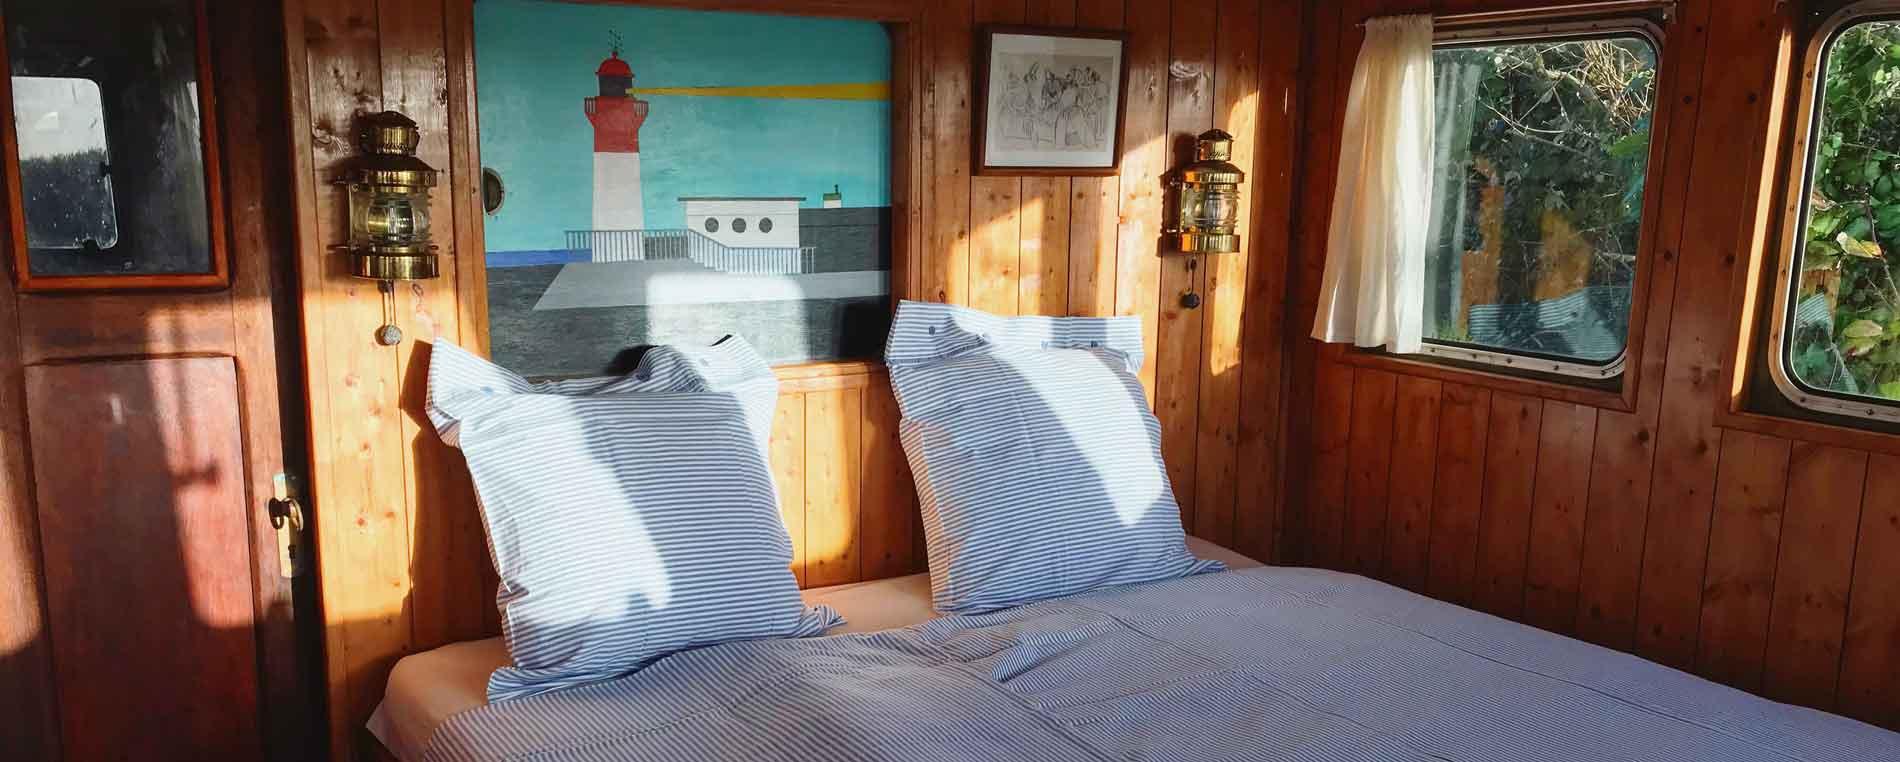 Les meilleurs endroits où dormir en Baie d'Audierne